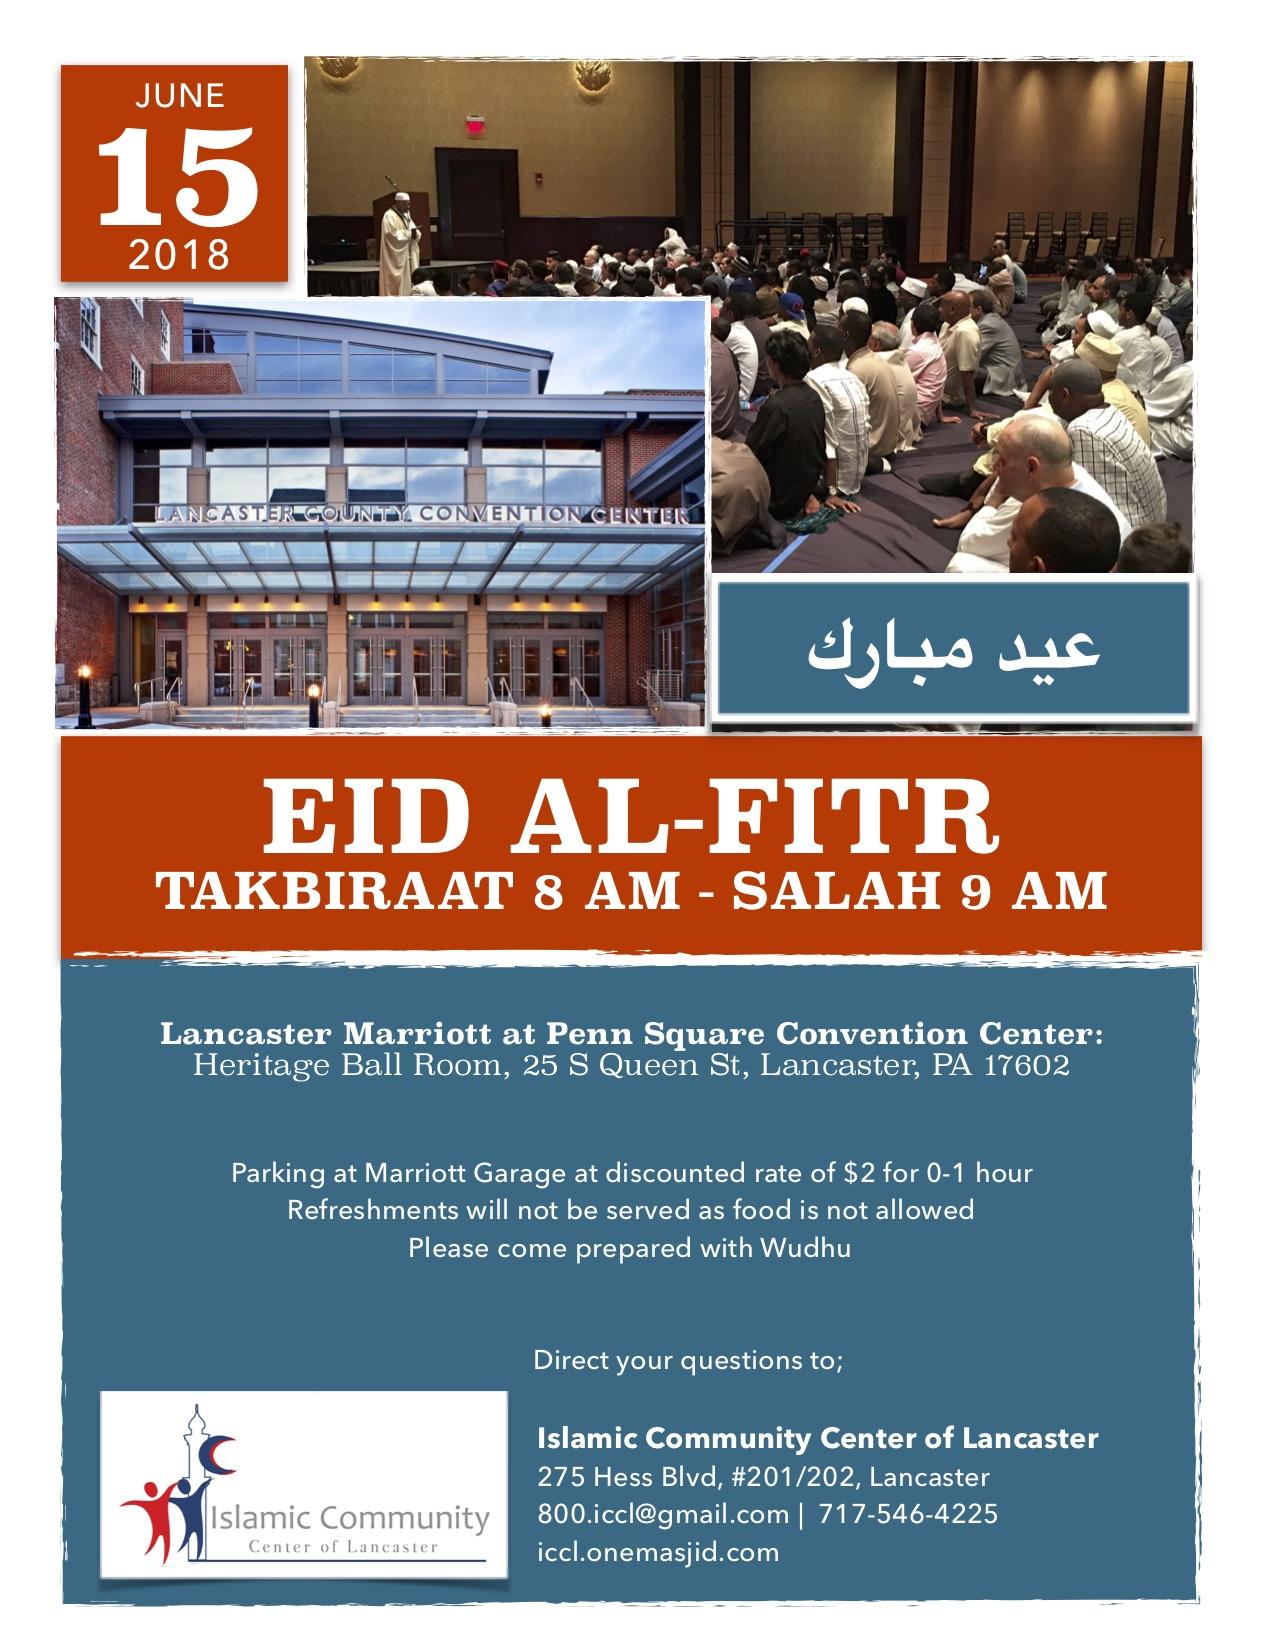 Eid alfitr 2018